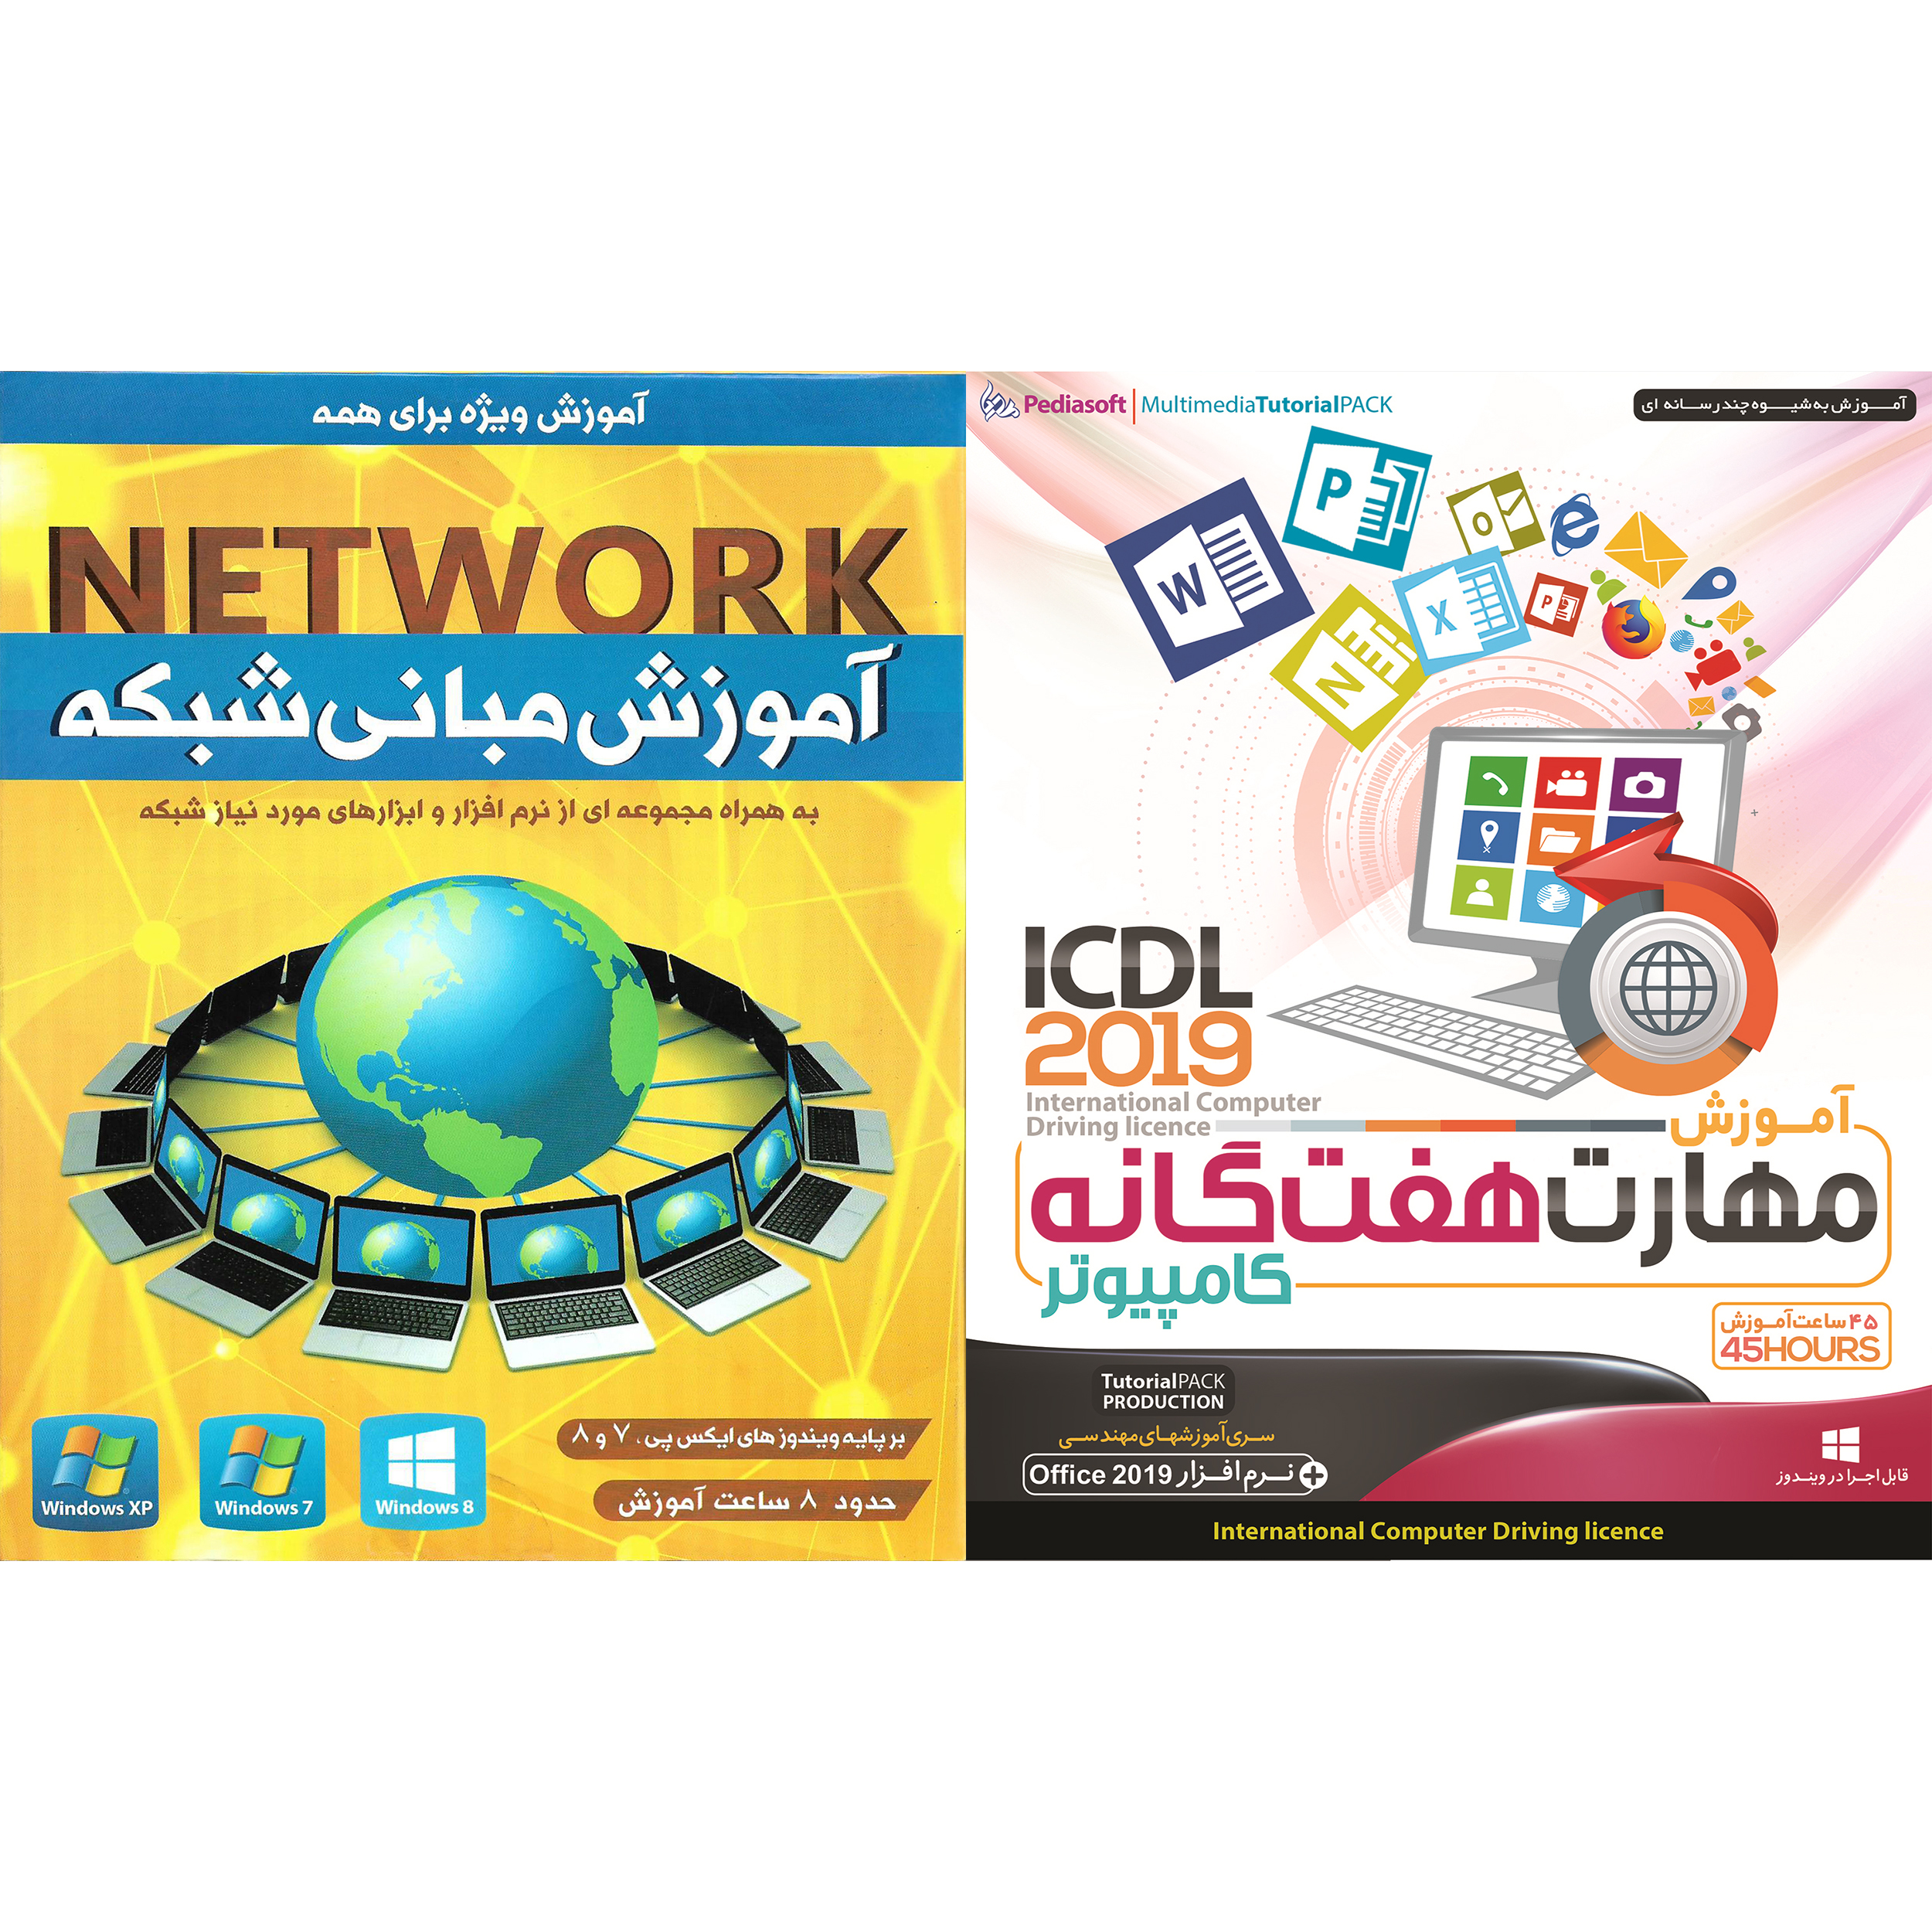 نرم افزار آموزش مهارت هفتگانه کامپیوتر ICDL 2019 نشر پدیا سافت به همراه نرم افزار آموزش مبانی شبکه نشر پدیده